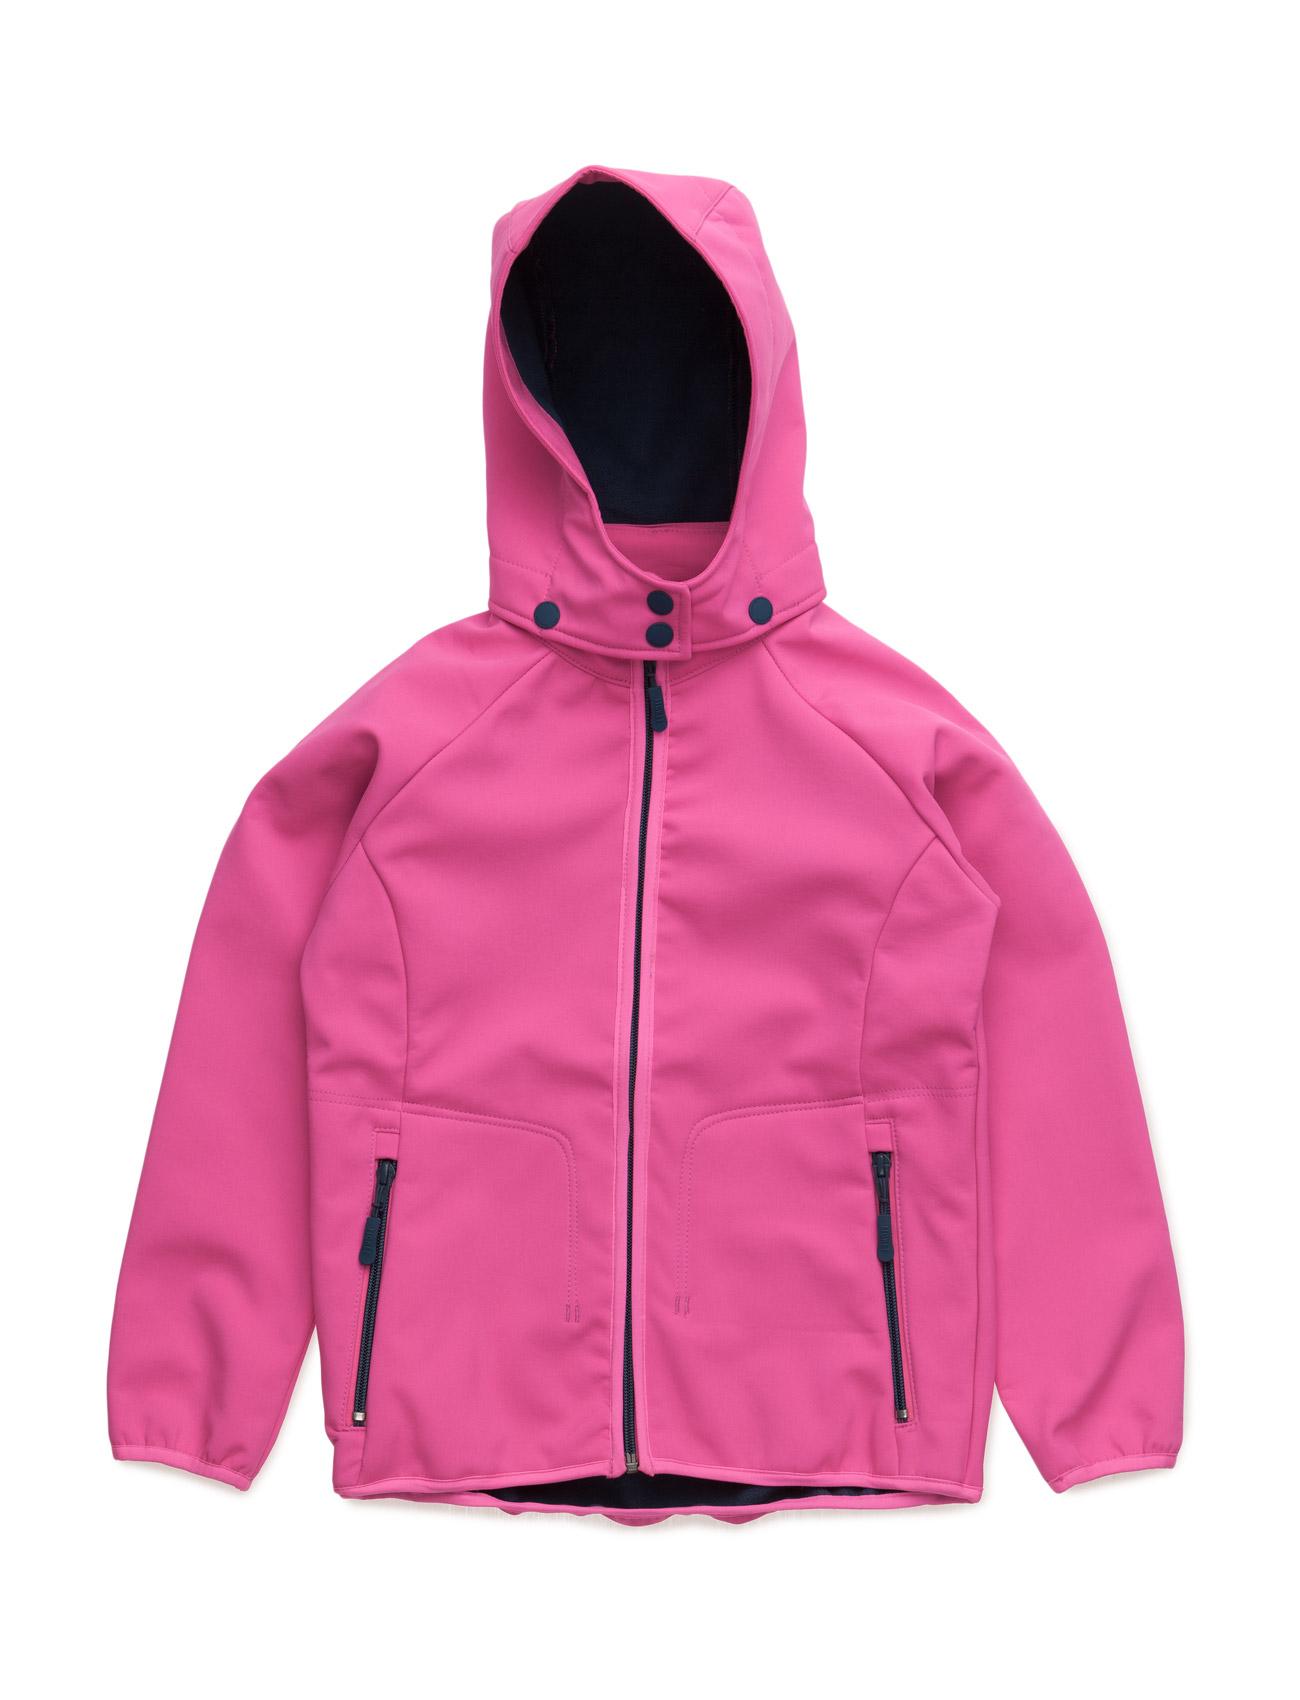 Jacket Kristar With Detachable Hood Ticket to Heaven Jakker & Frakker til Børn i